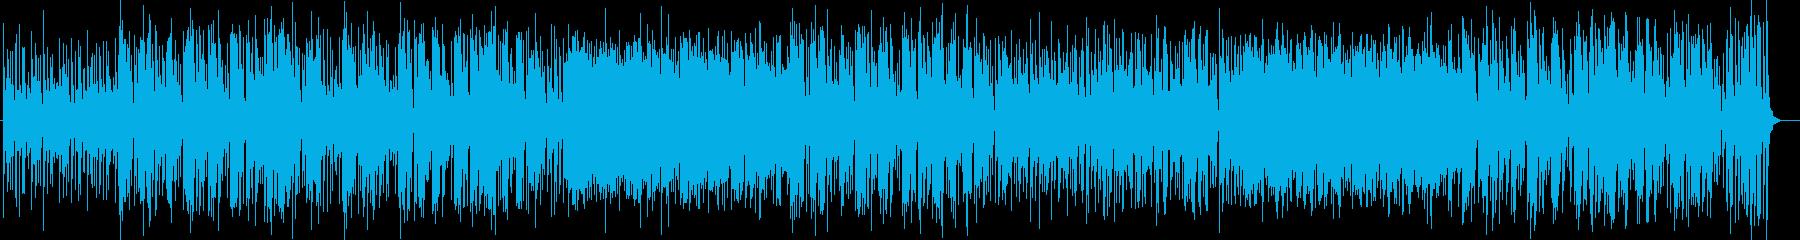 穏やかで優しいピアノシンセサウンドの再生済みの波形